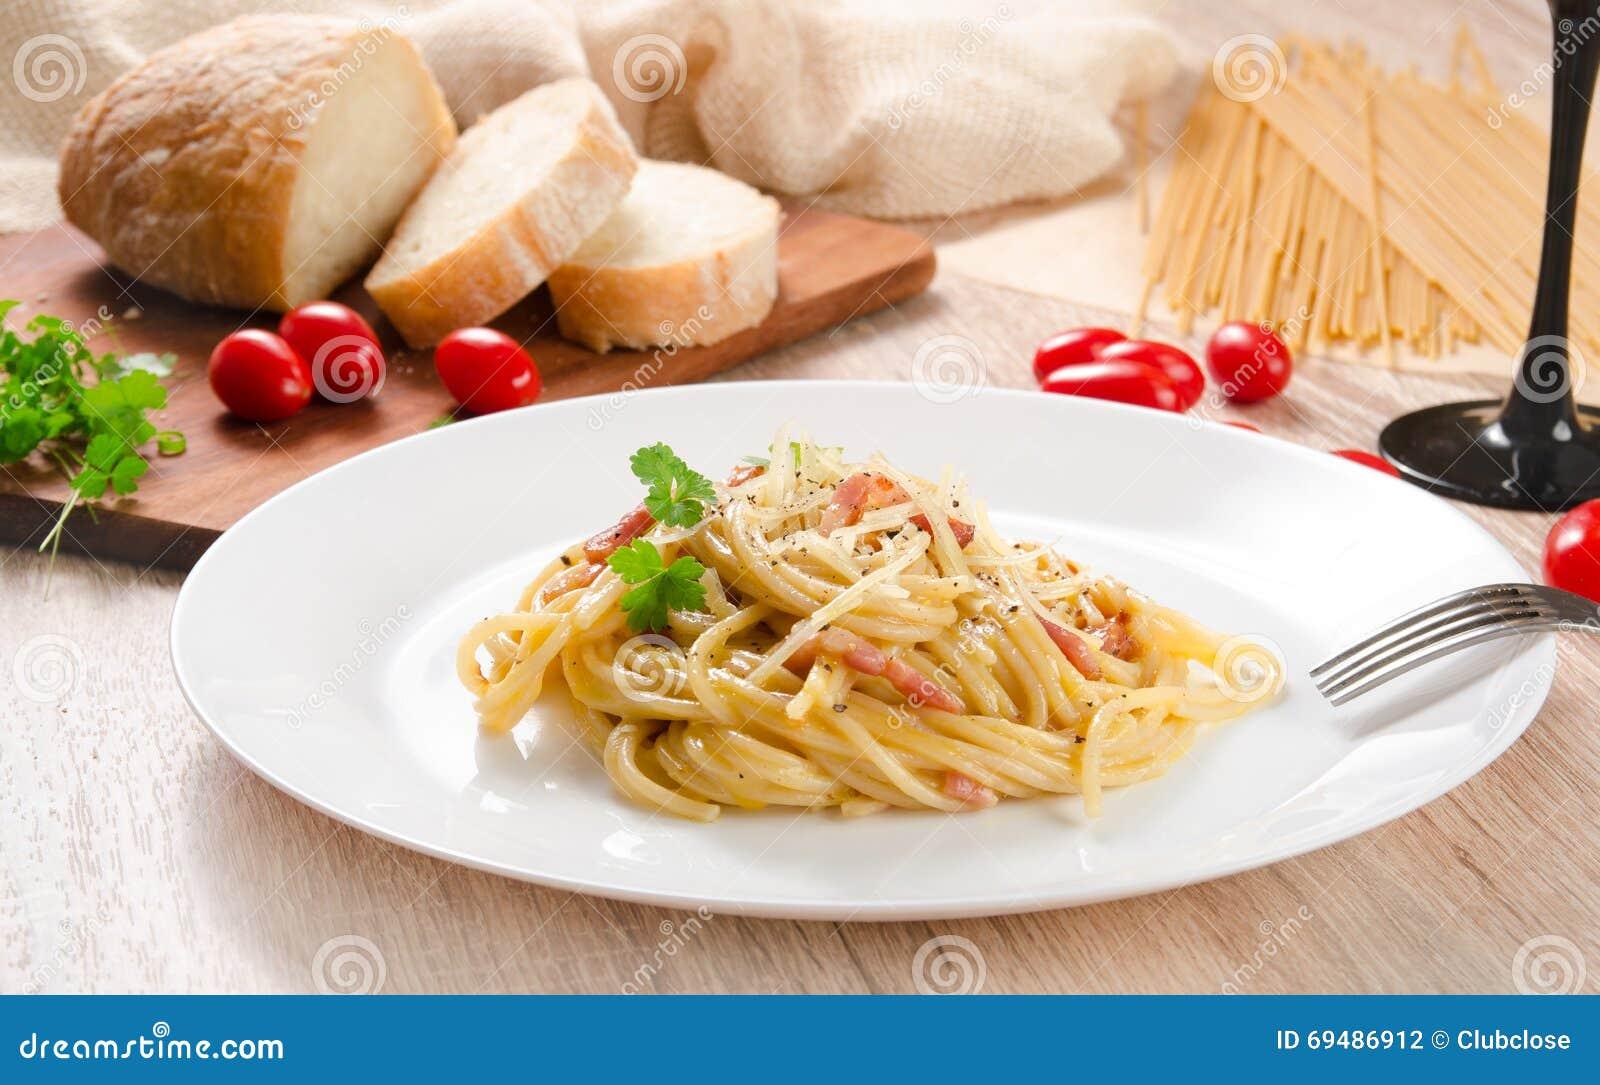 Makaron Carbonara z bekonem na białym talerzu, drewniany stół